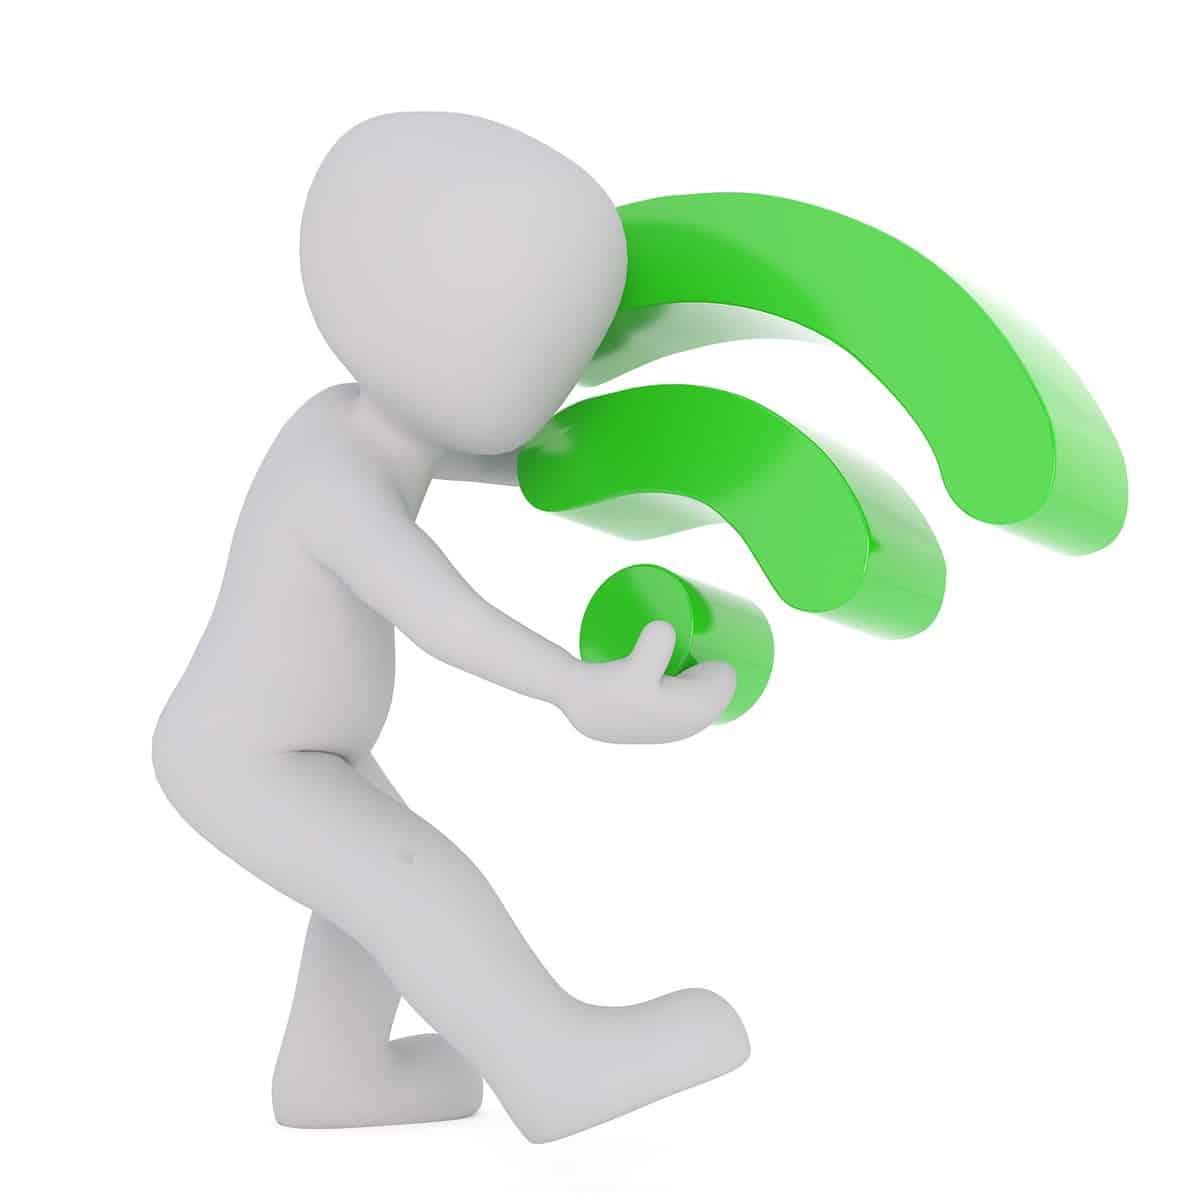 מחיר של אינטרנט